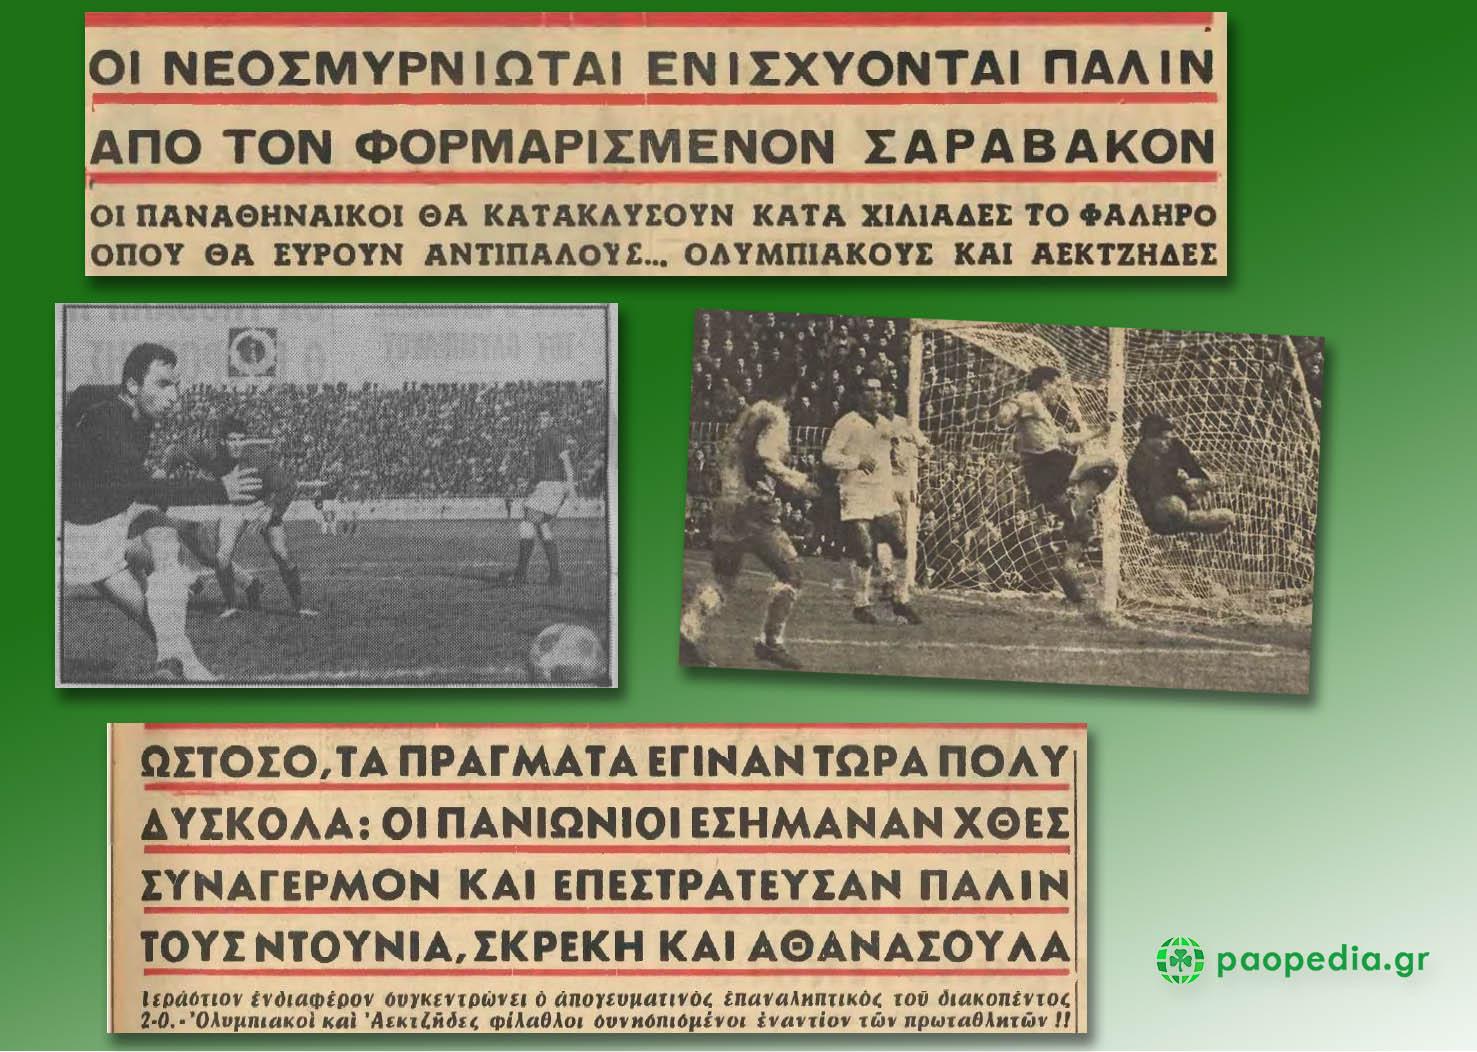 «Γαύροι αδέρφια» το 1965. Η ανίερη συμμαχία Ολυμπιακού - ΑΕΚ εναντίον Παναθηναϊκού.